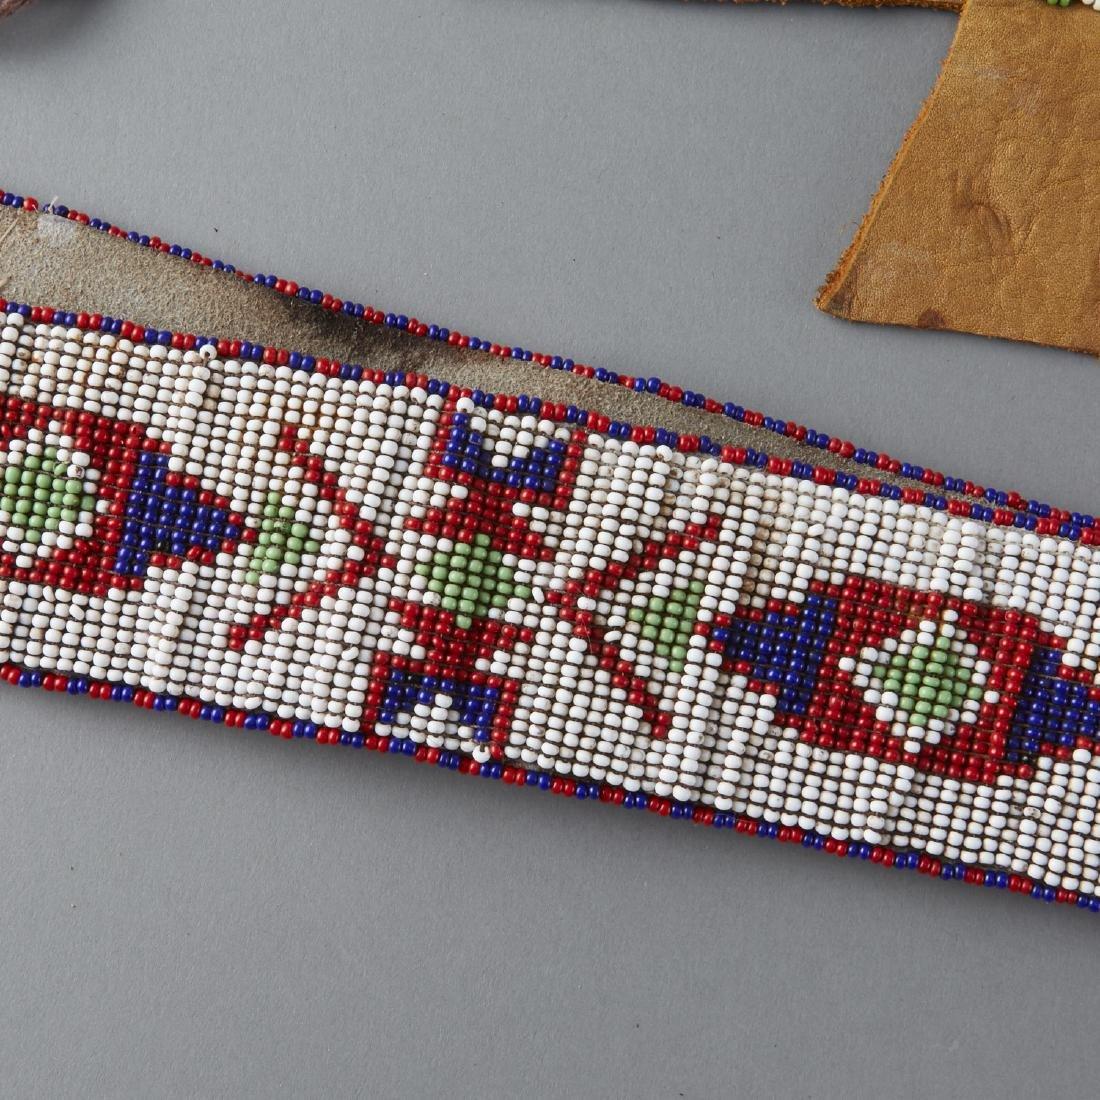 6 Native American Beaded Objects Cheyenne - 6